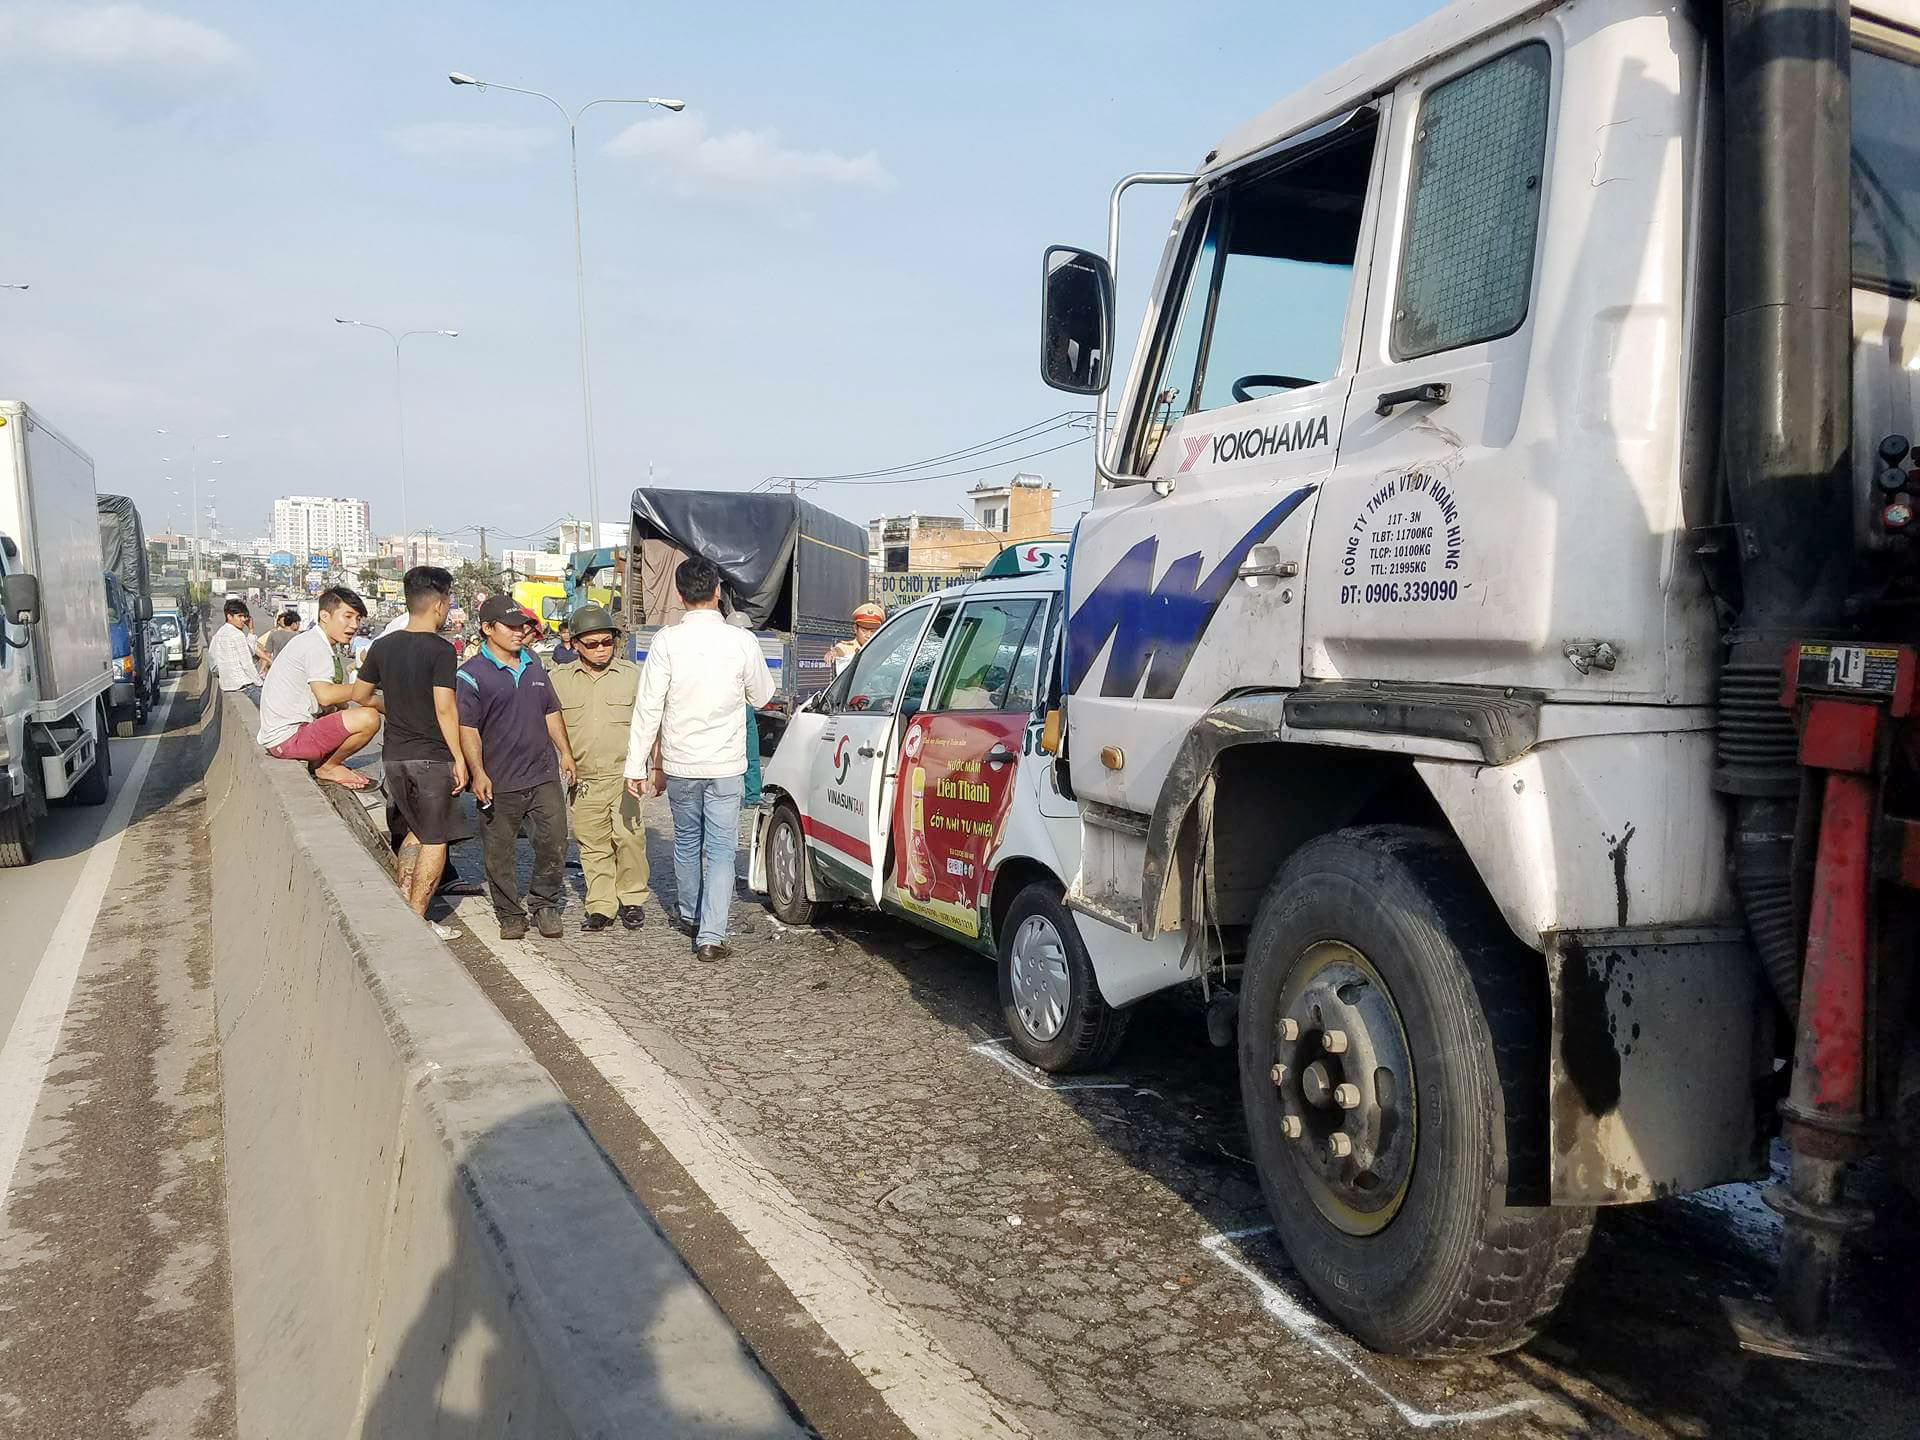 Cảnh sát giải cứu thiếu niên kẹt trong đầu xe bẹp dúm tại cầu vượt - 1